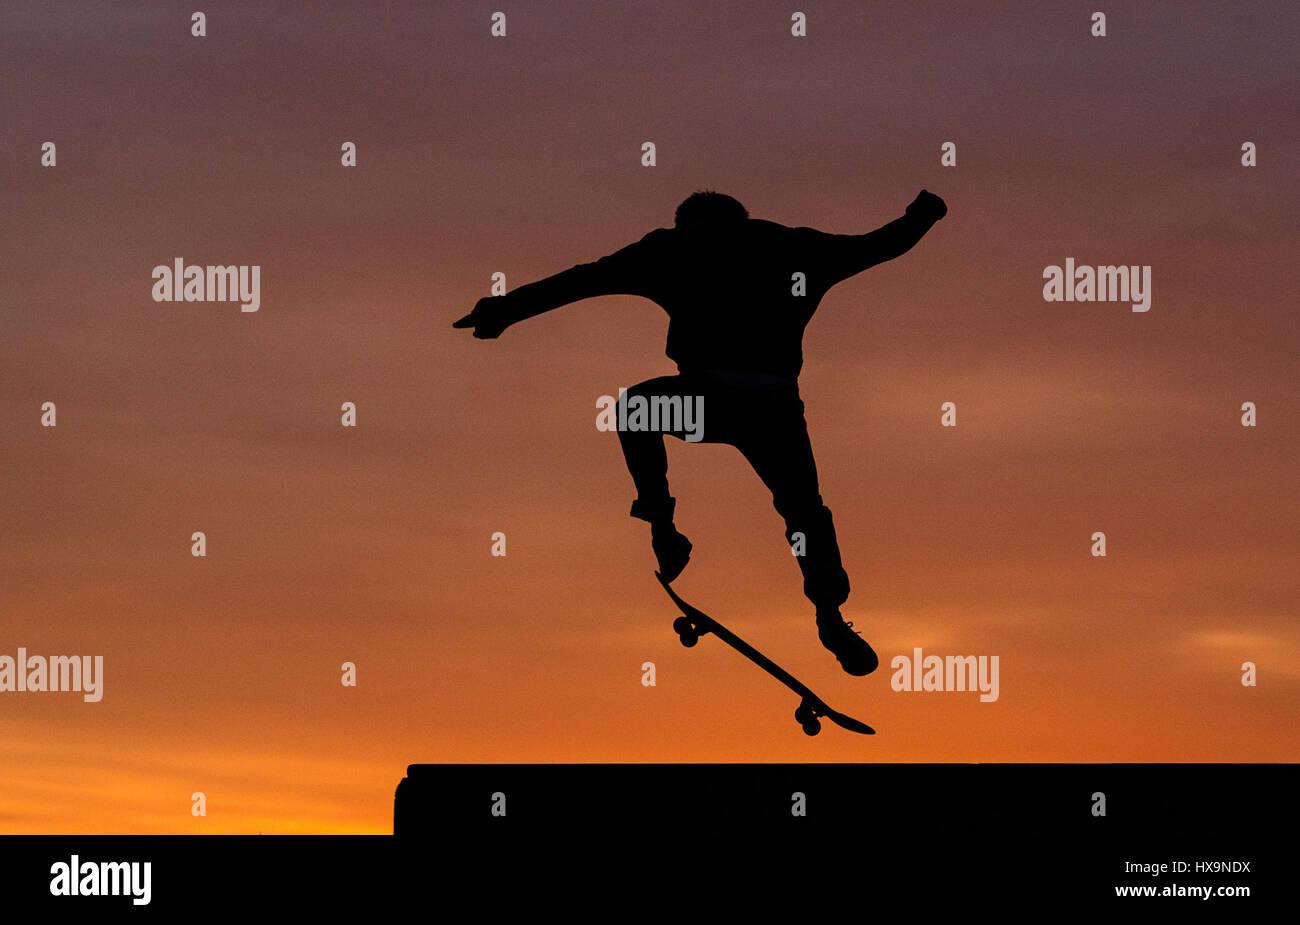 Berlino, Germania. 25 Mar, 2017. Un pattinatore in azione al tramonto a Tempelhofer Feld (lit. Campo di Tempelhof Immagini Stock